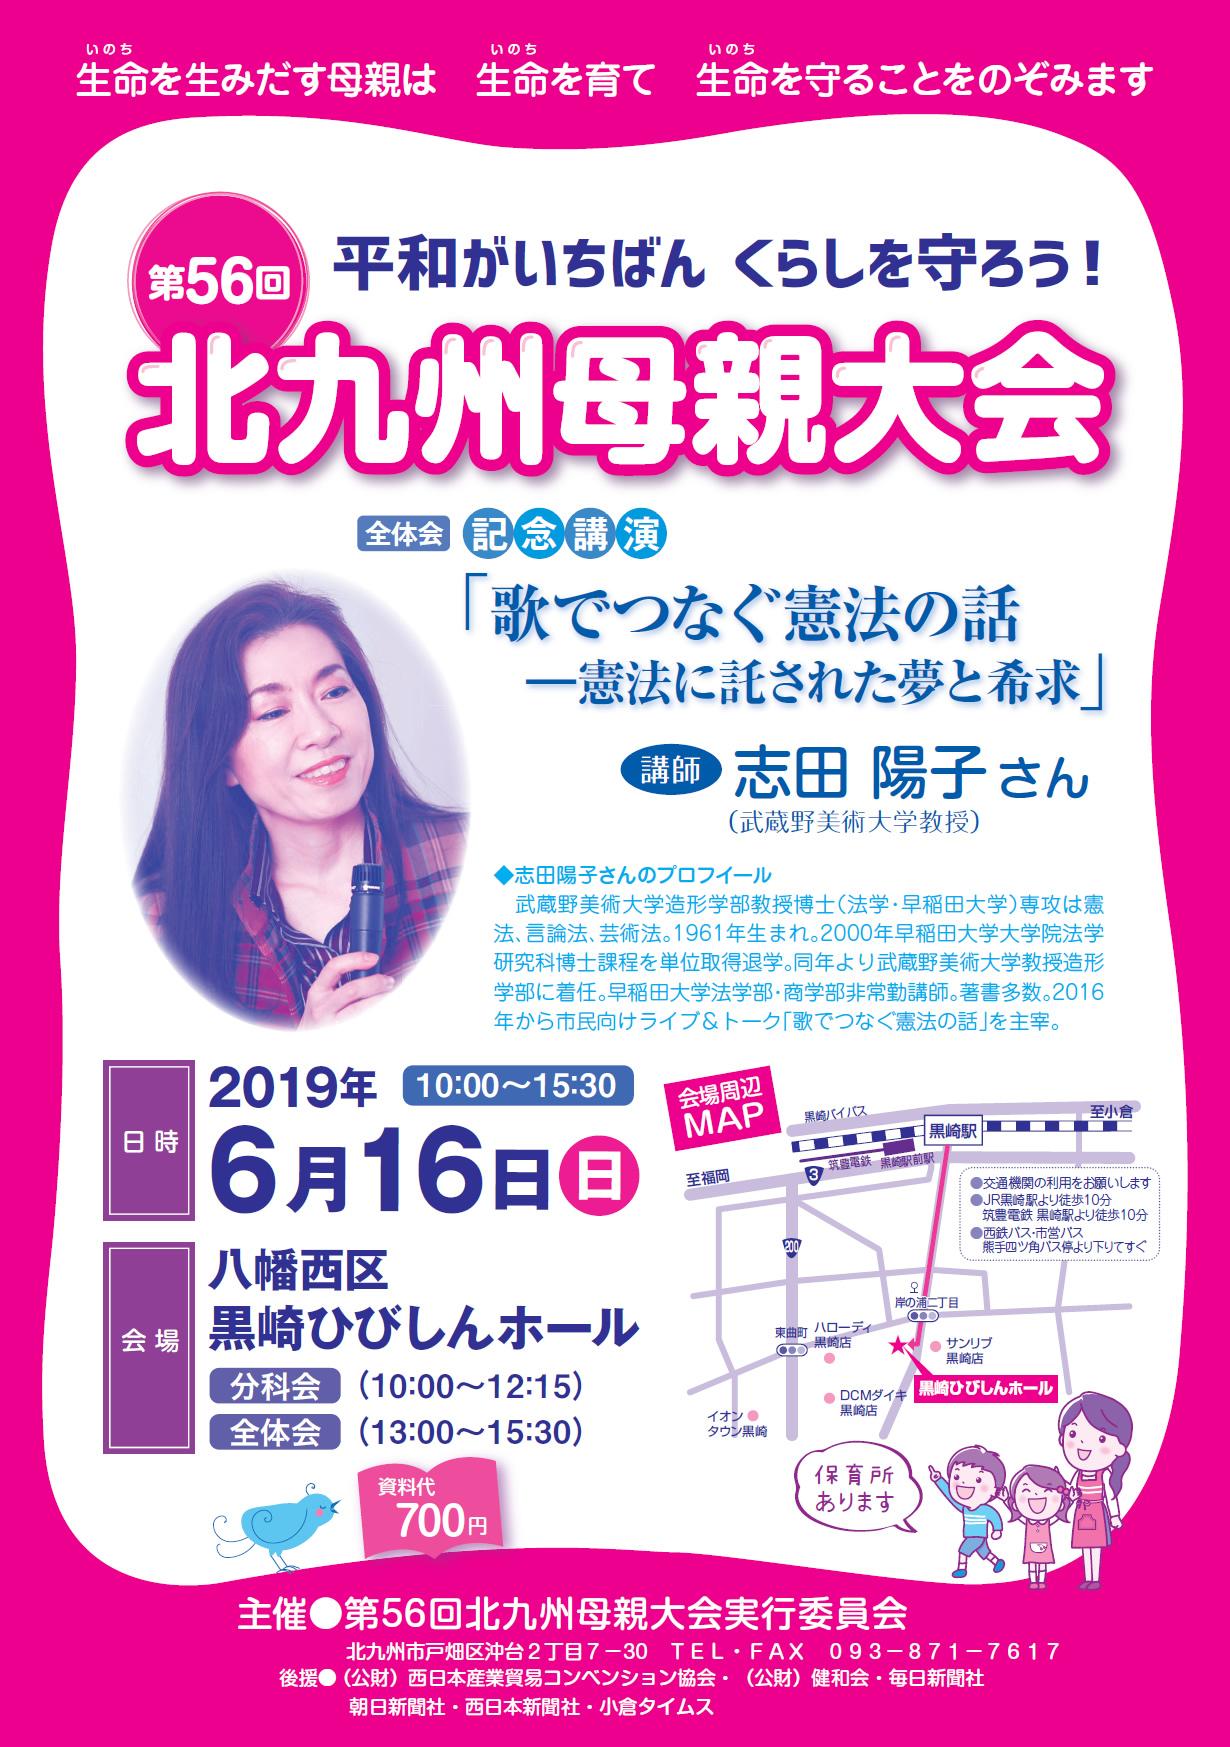 北九州母親大会チラシ 【歌でつなぐ憲法の話】